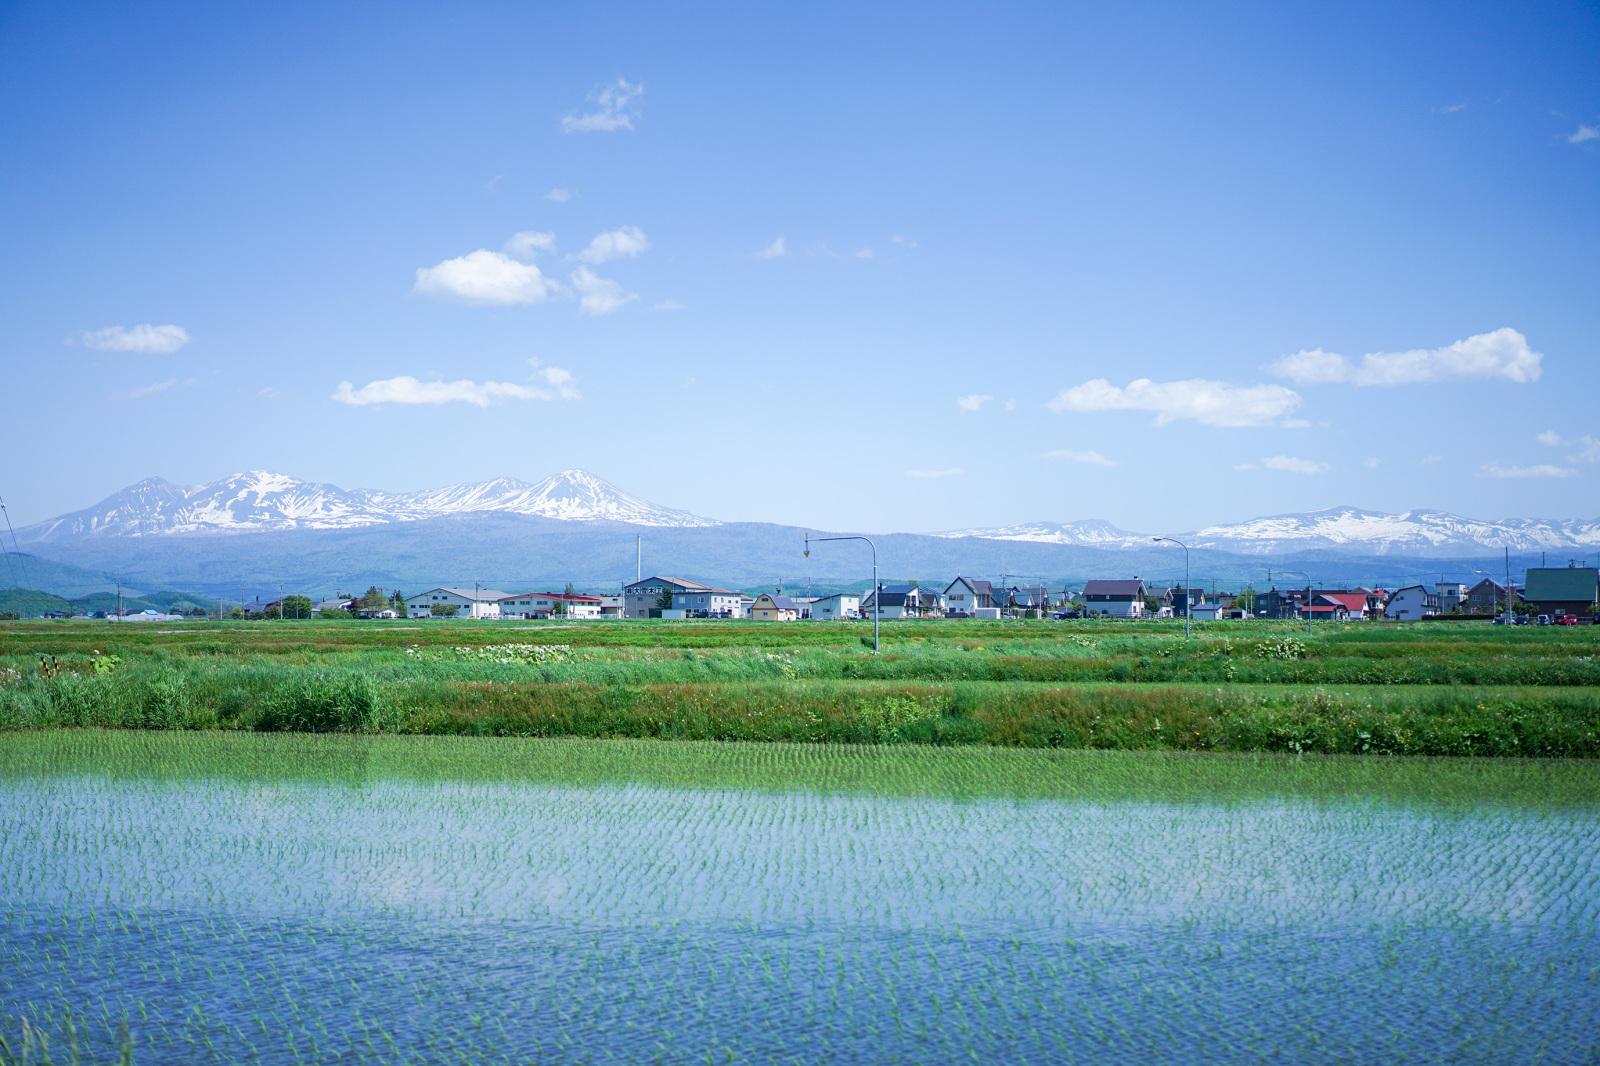 大雪山が蓄えた雪解け水による地下水で全世帯が生活をする。